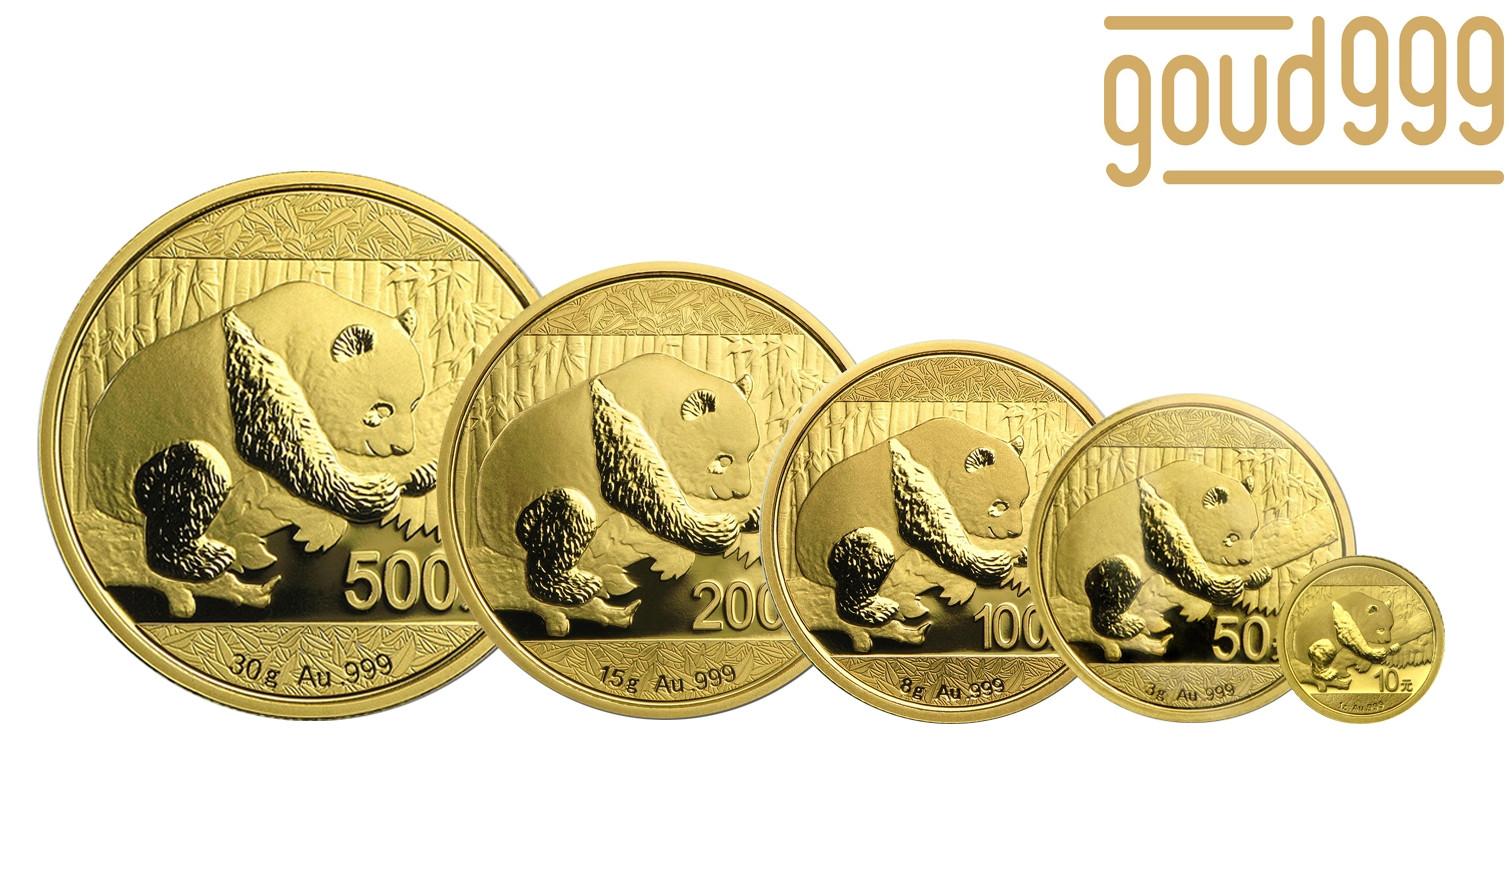 Panda Serie Goud 57 Gram  | Muntzijde | goud999